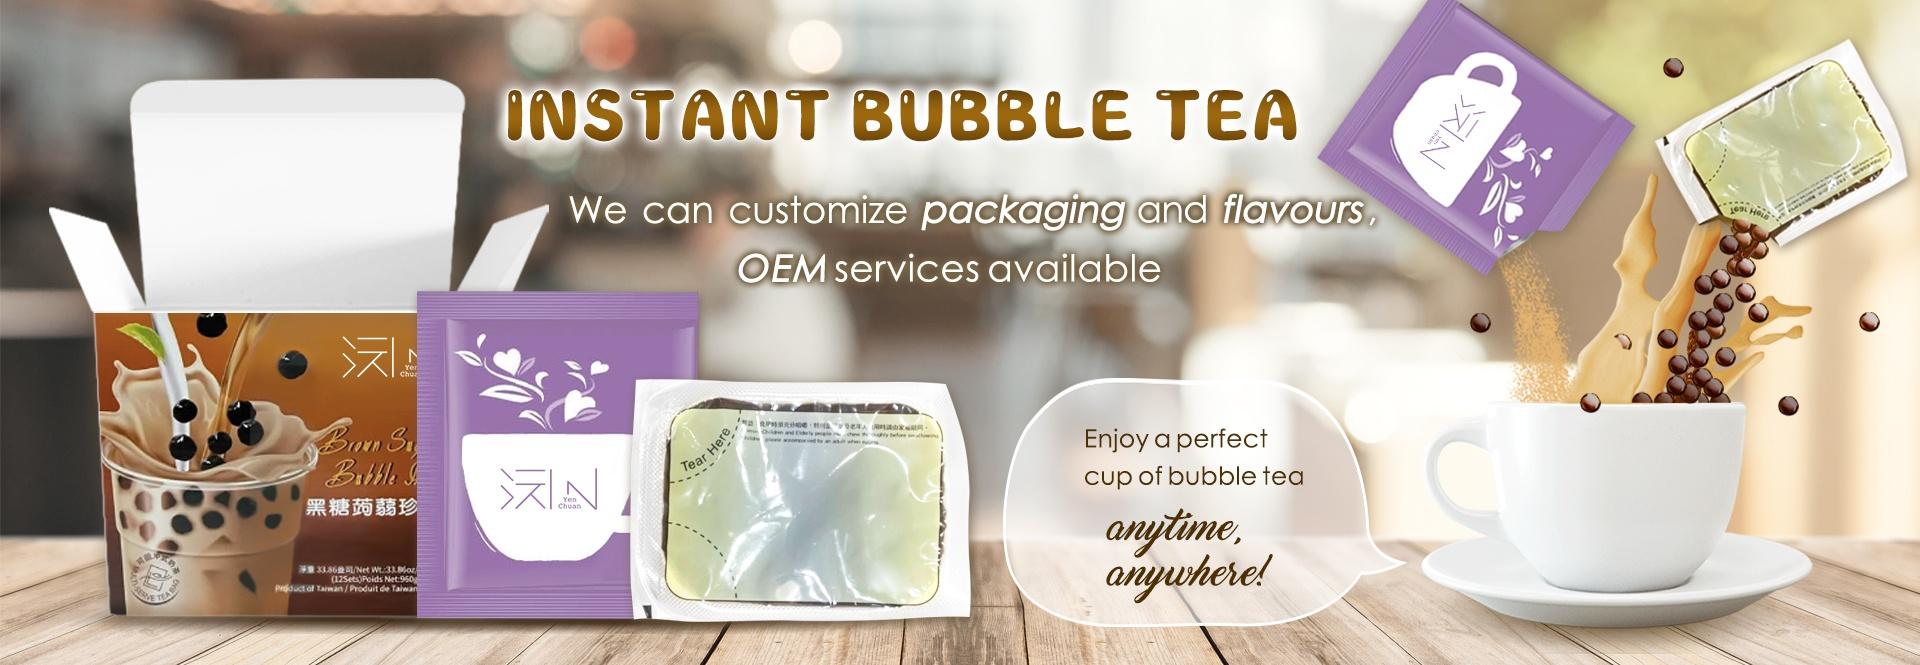 instant bubble tea